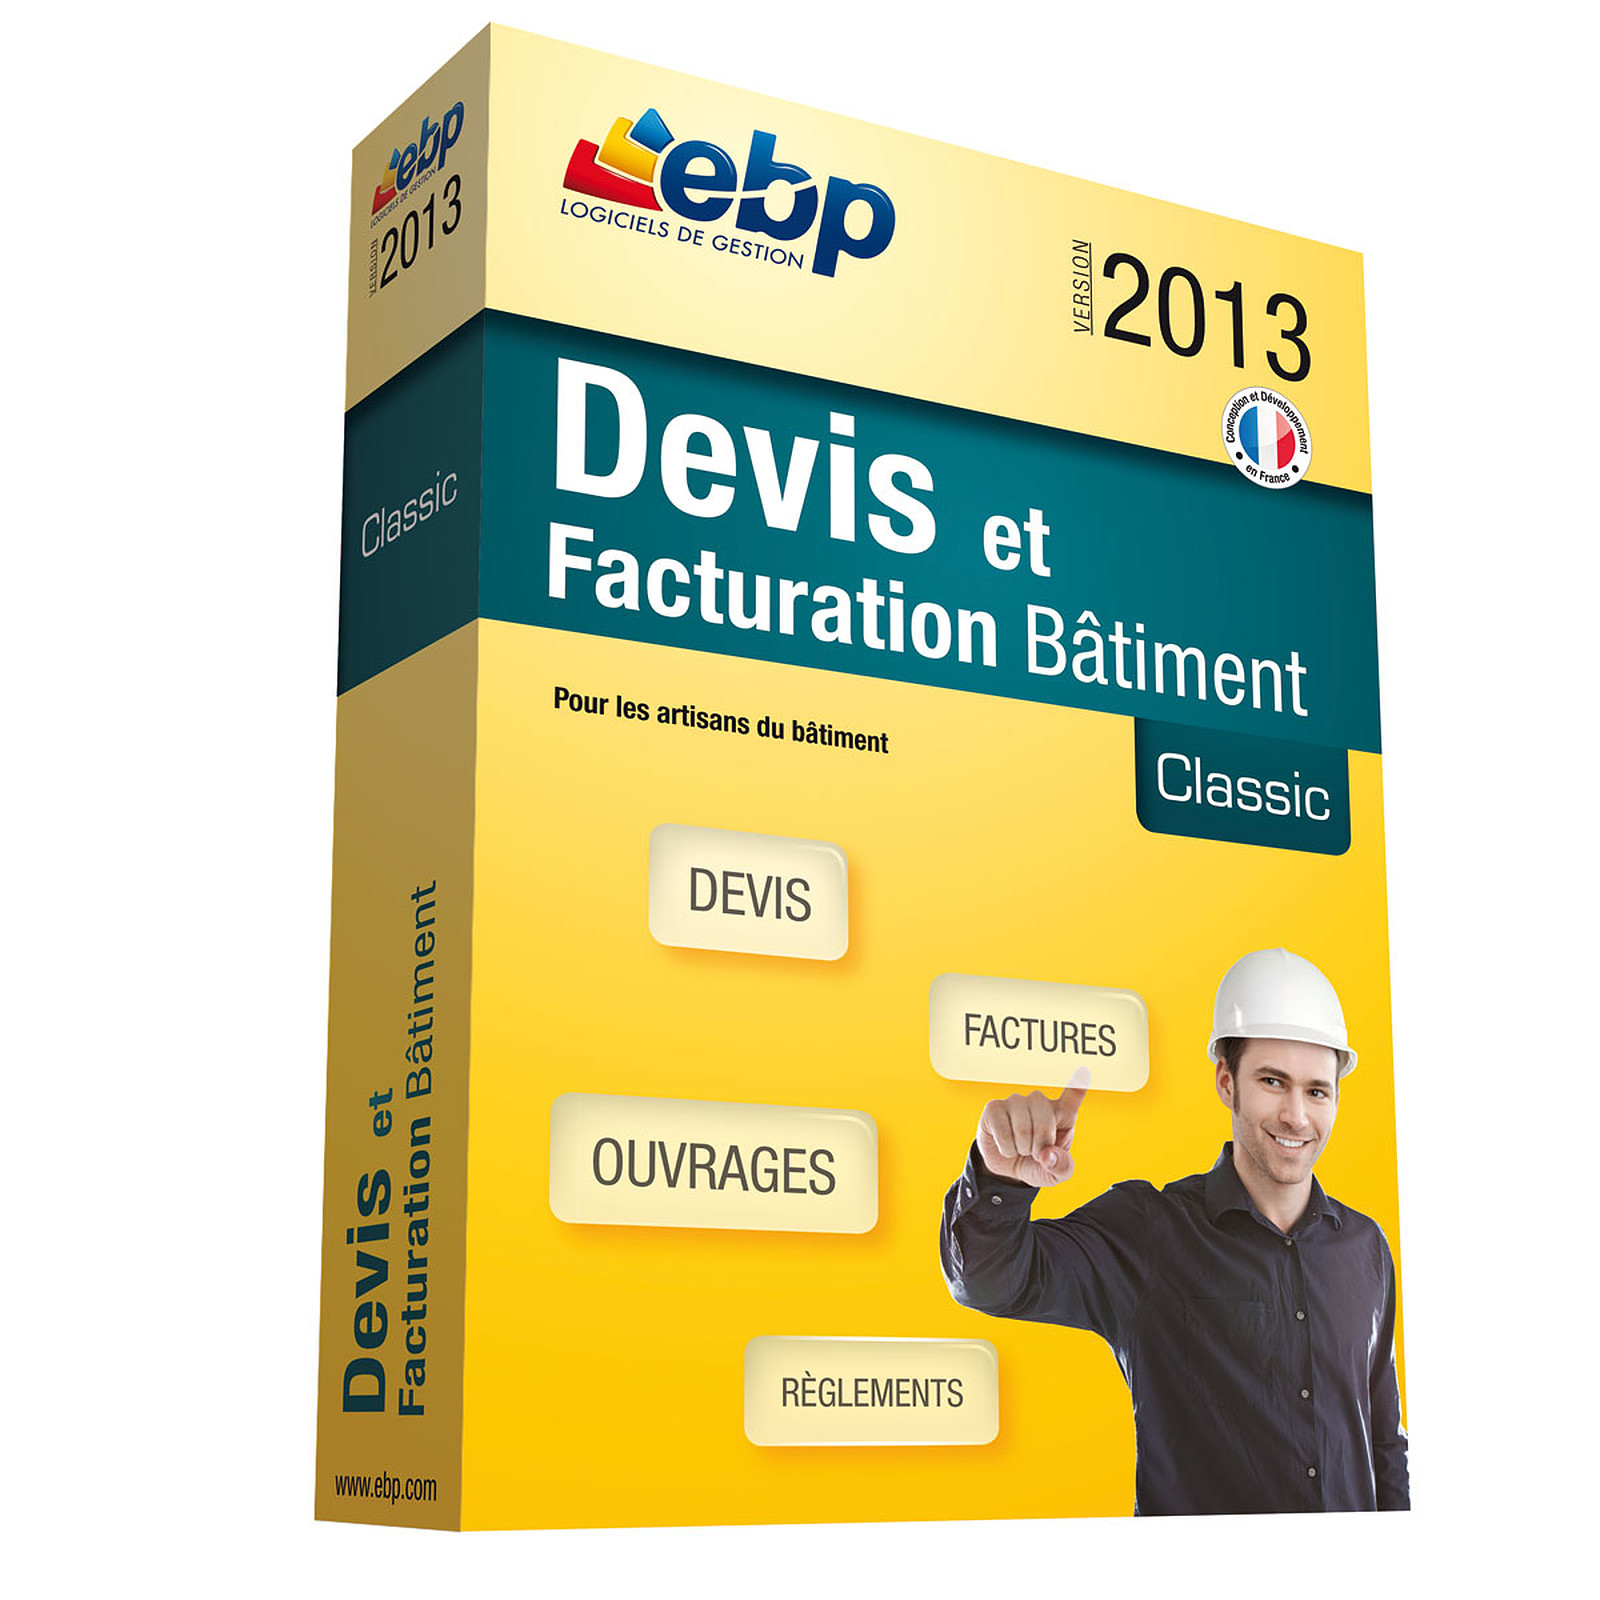 EBP ET TÉLÉCHARGER 2013 DEVIS CLASSIC FACTURATION BTIMENT